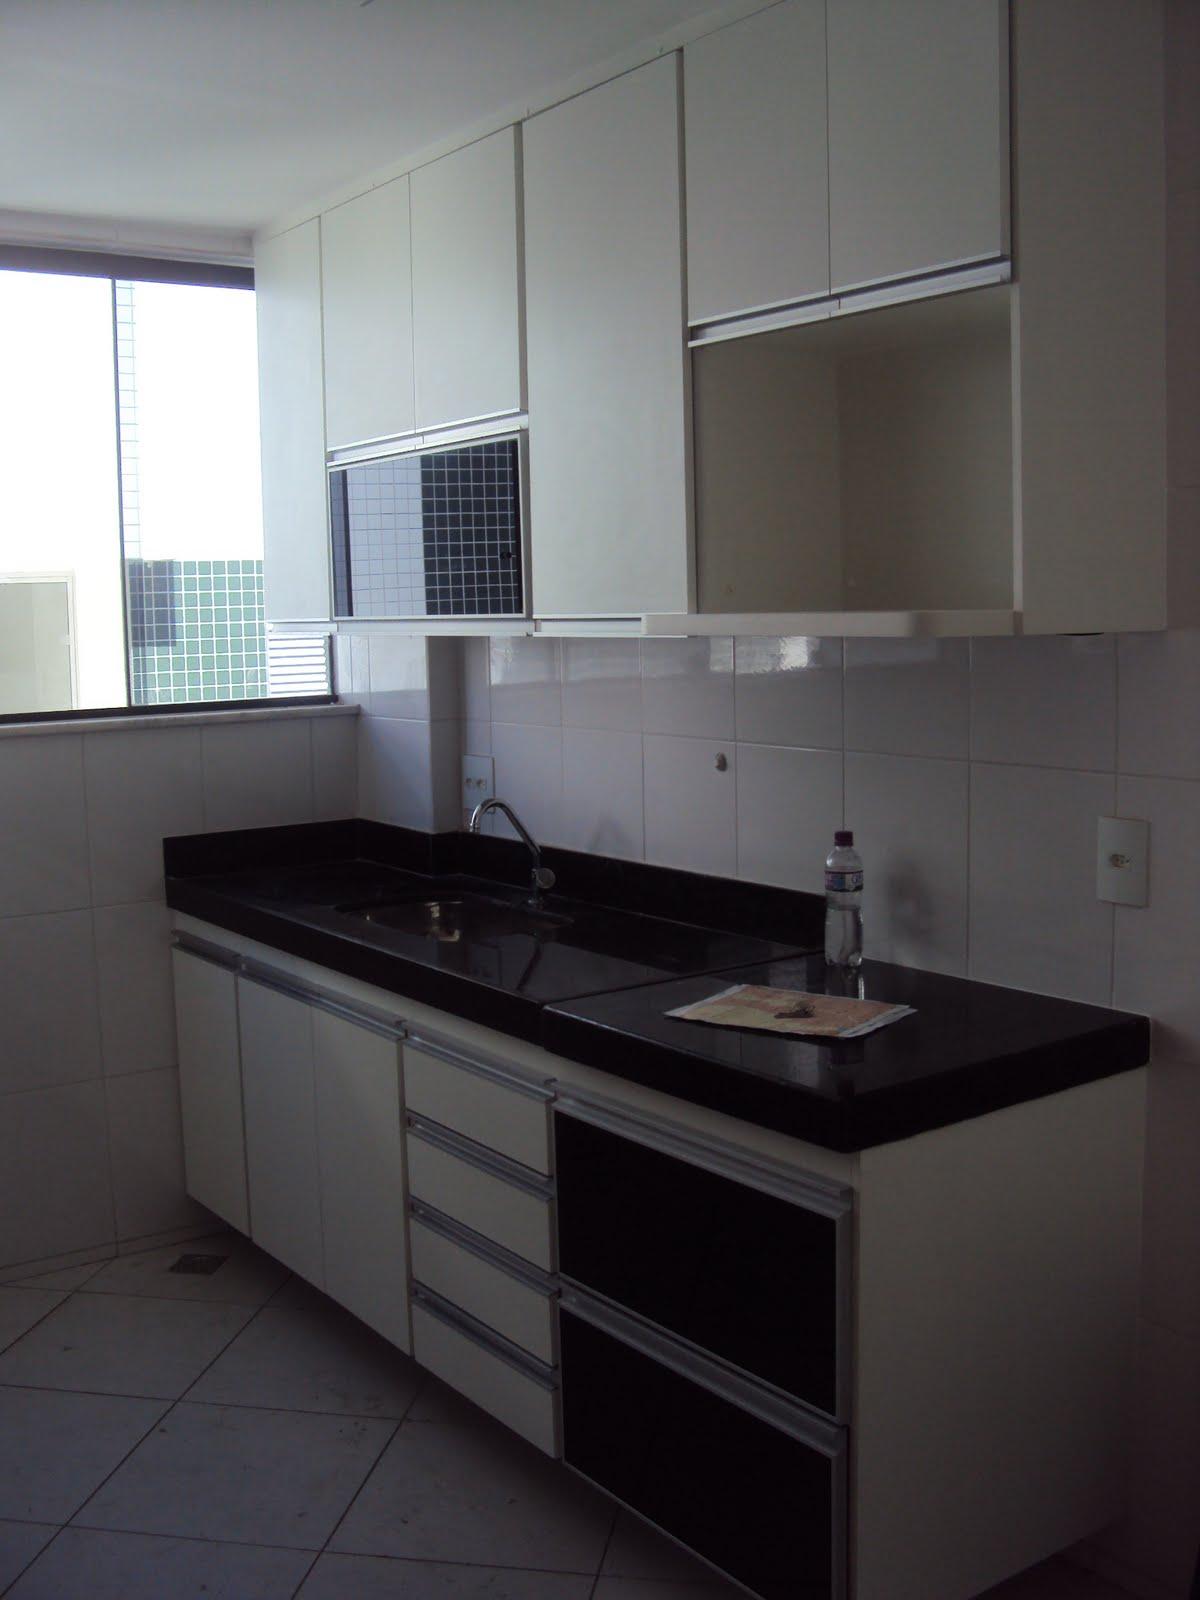 Armários Sua casa Seu estilo : Cozinha com Puxador G e portas de  #586573 1200 1600